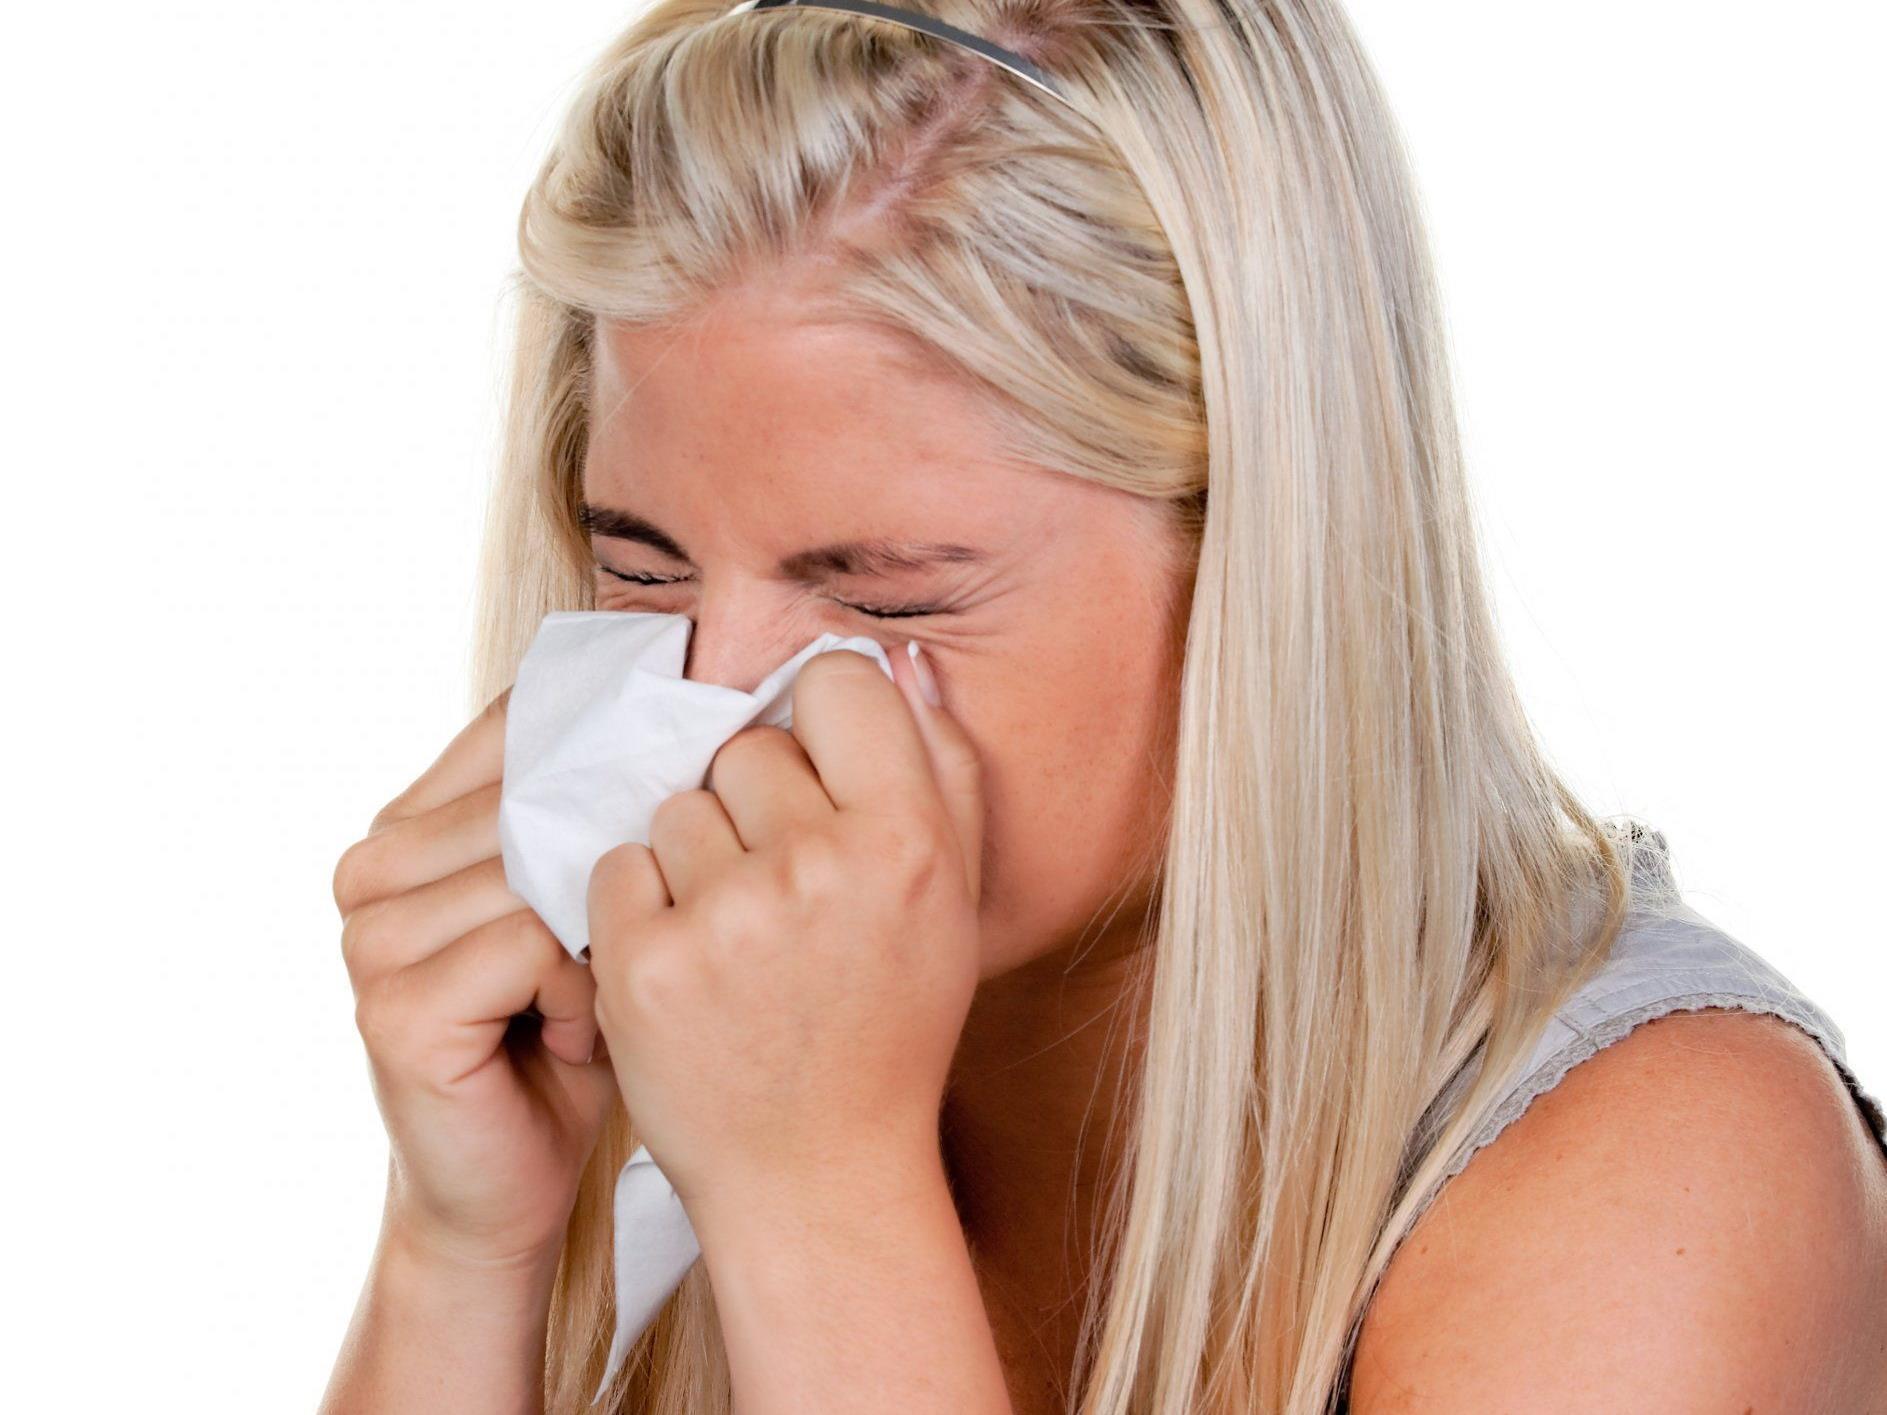 Eine Erkältung kann sehr lange dauern und anstregend sein. Deshalb sollte man sich gezielt davor schützen.